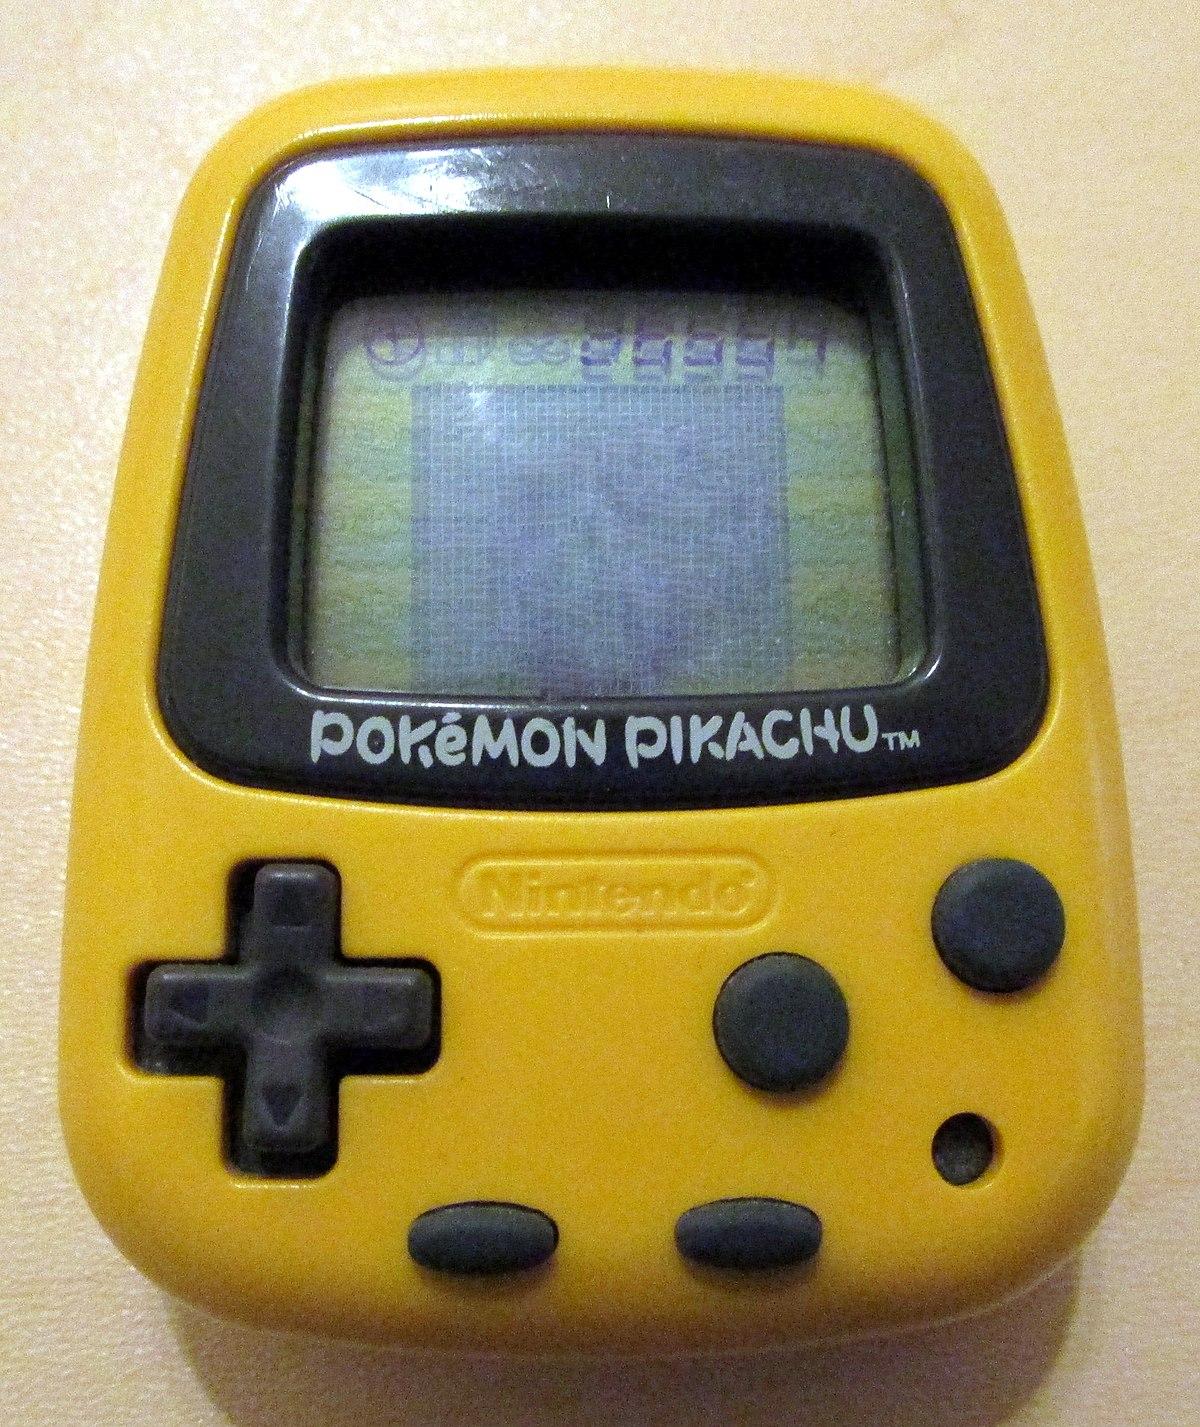 Pokémon  Wikipedia